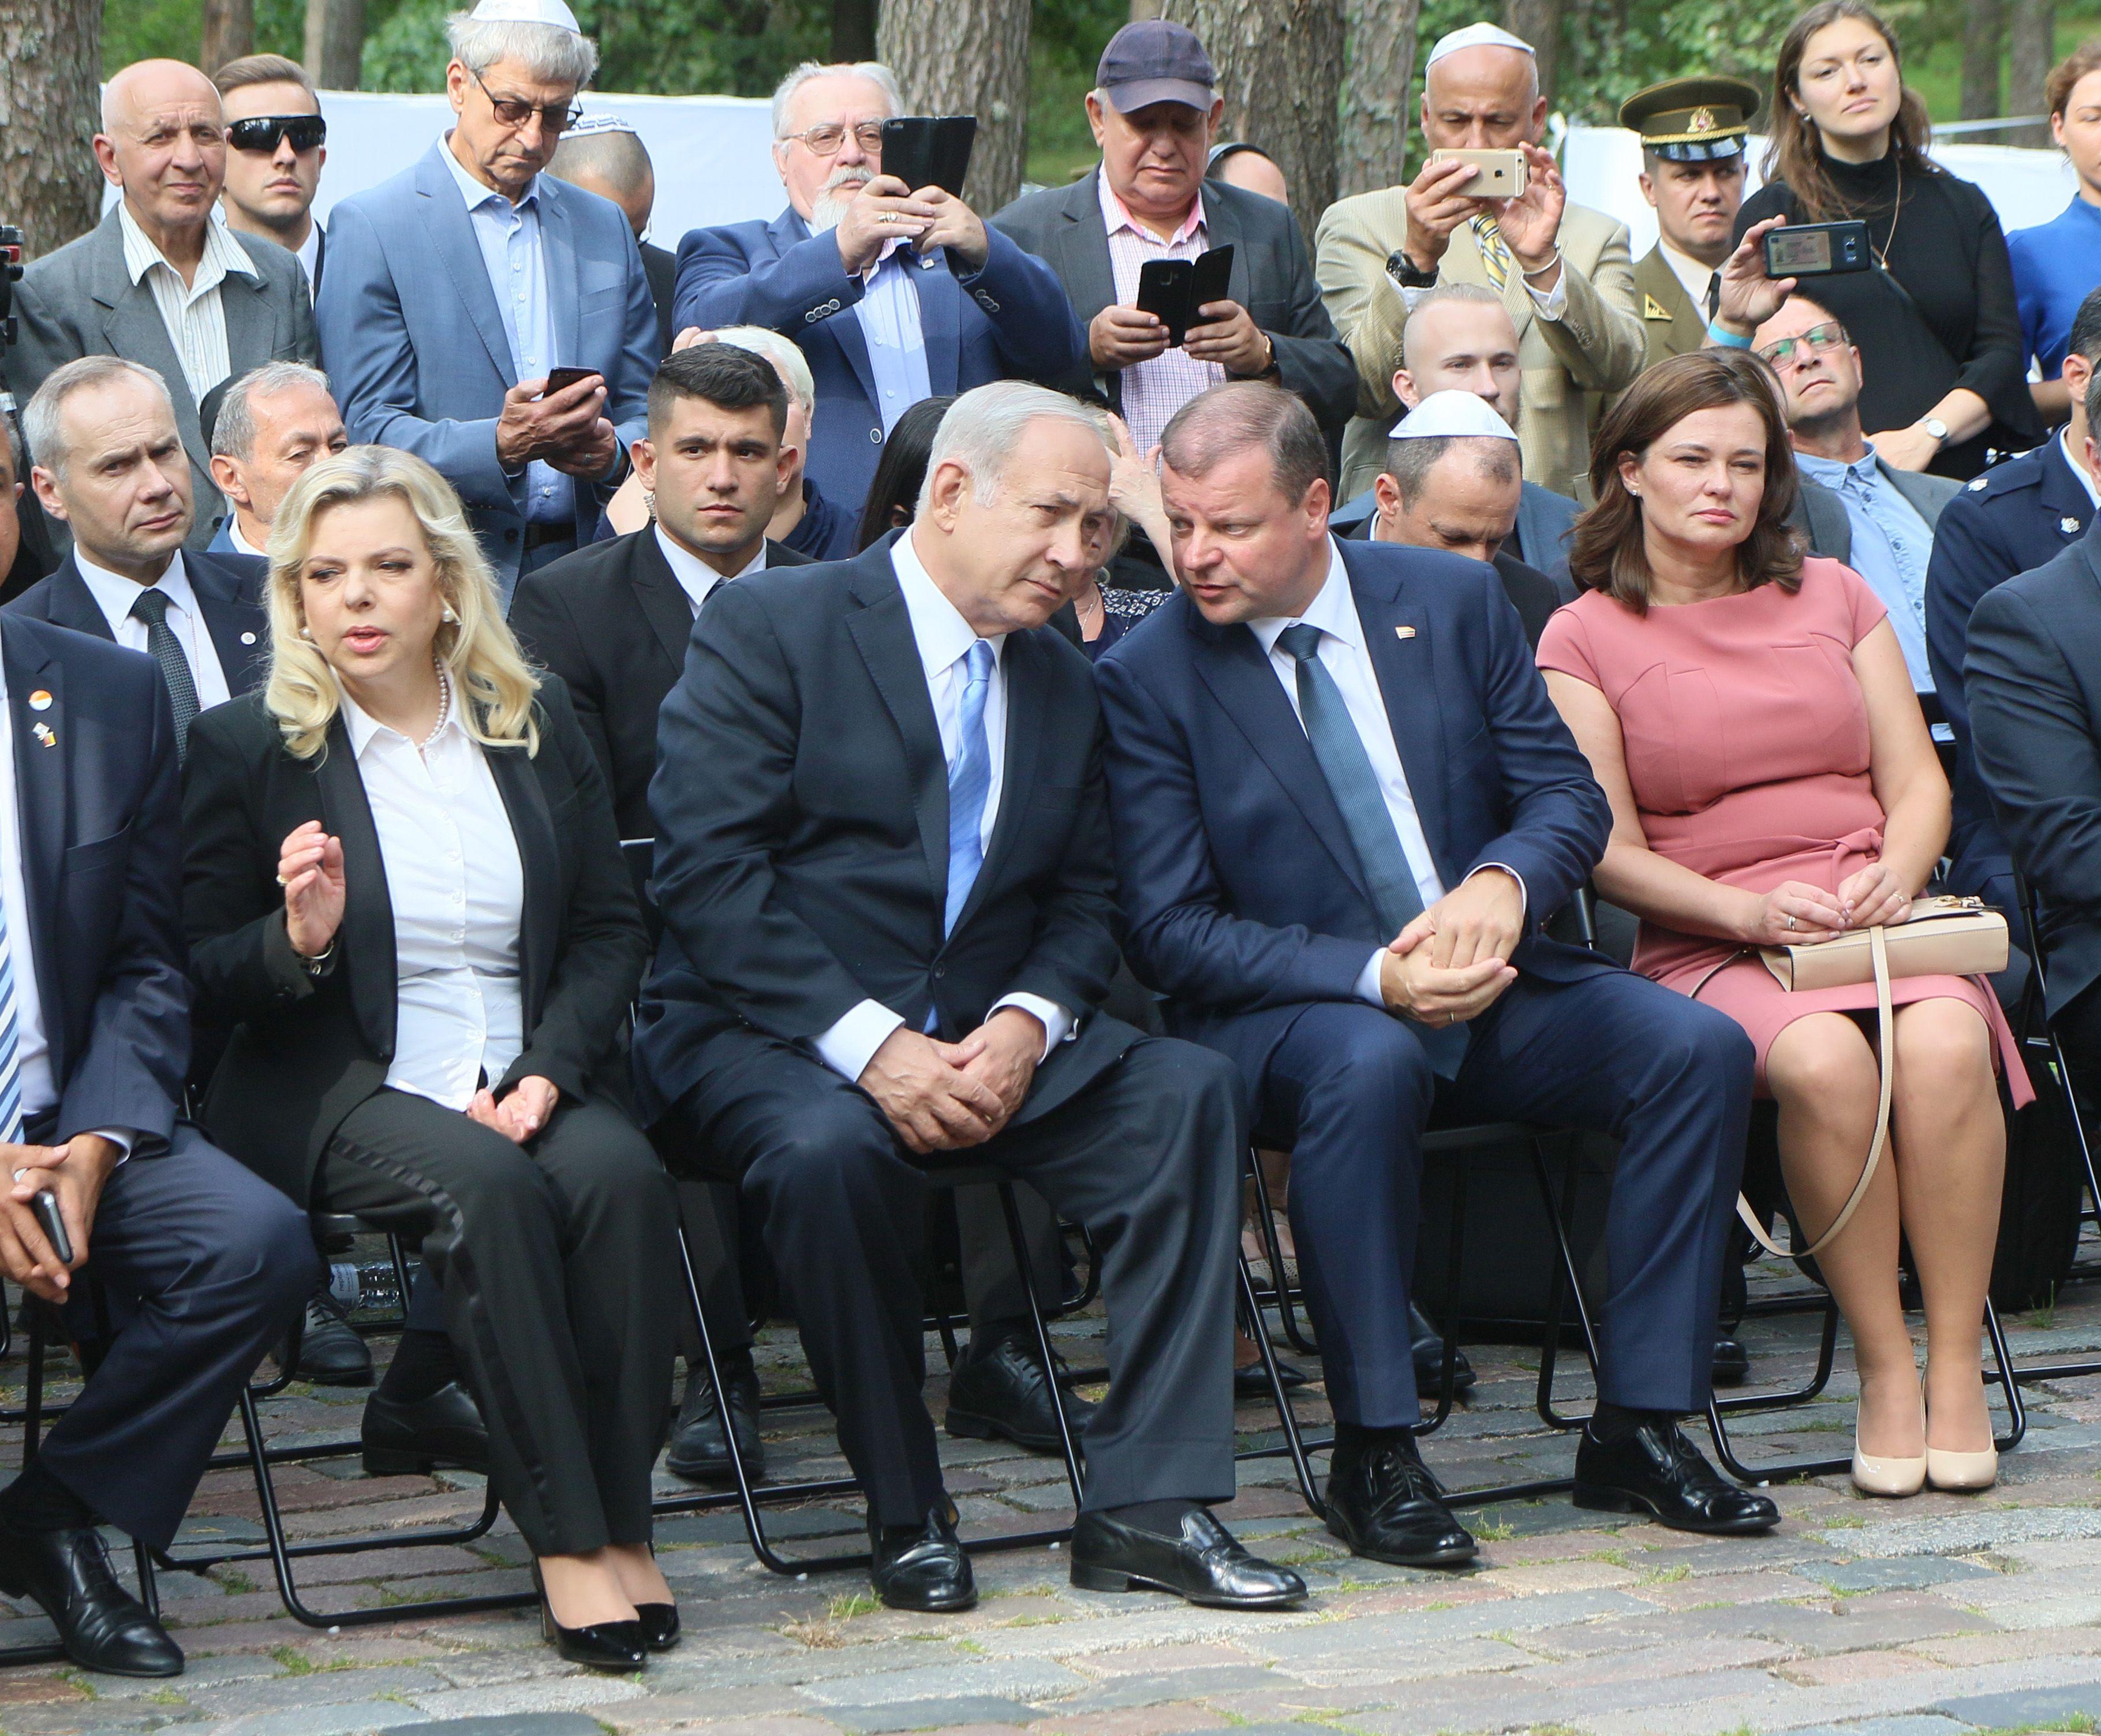 رئيس وزراء ليتوانيا وزوجته ونتنياهو وزوجته